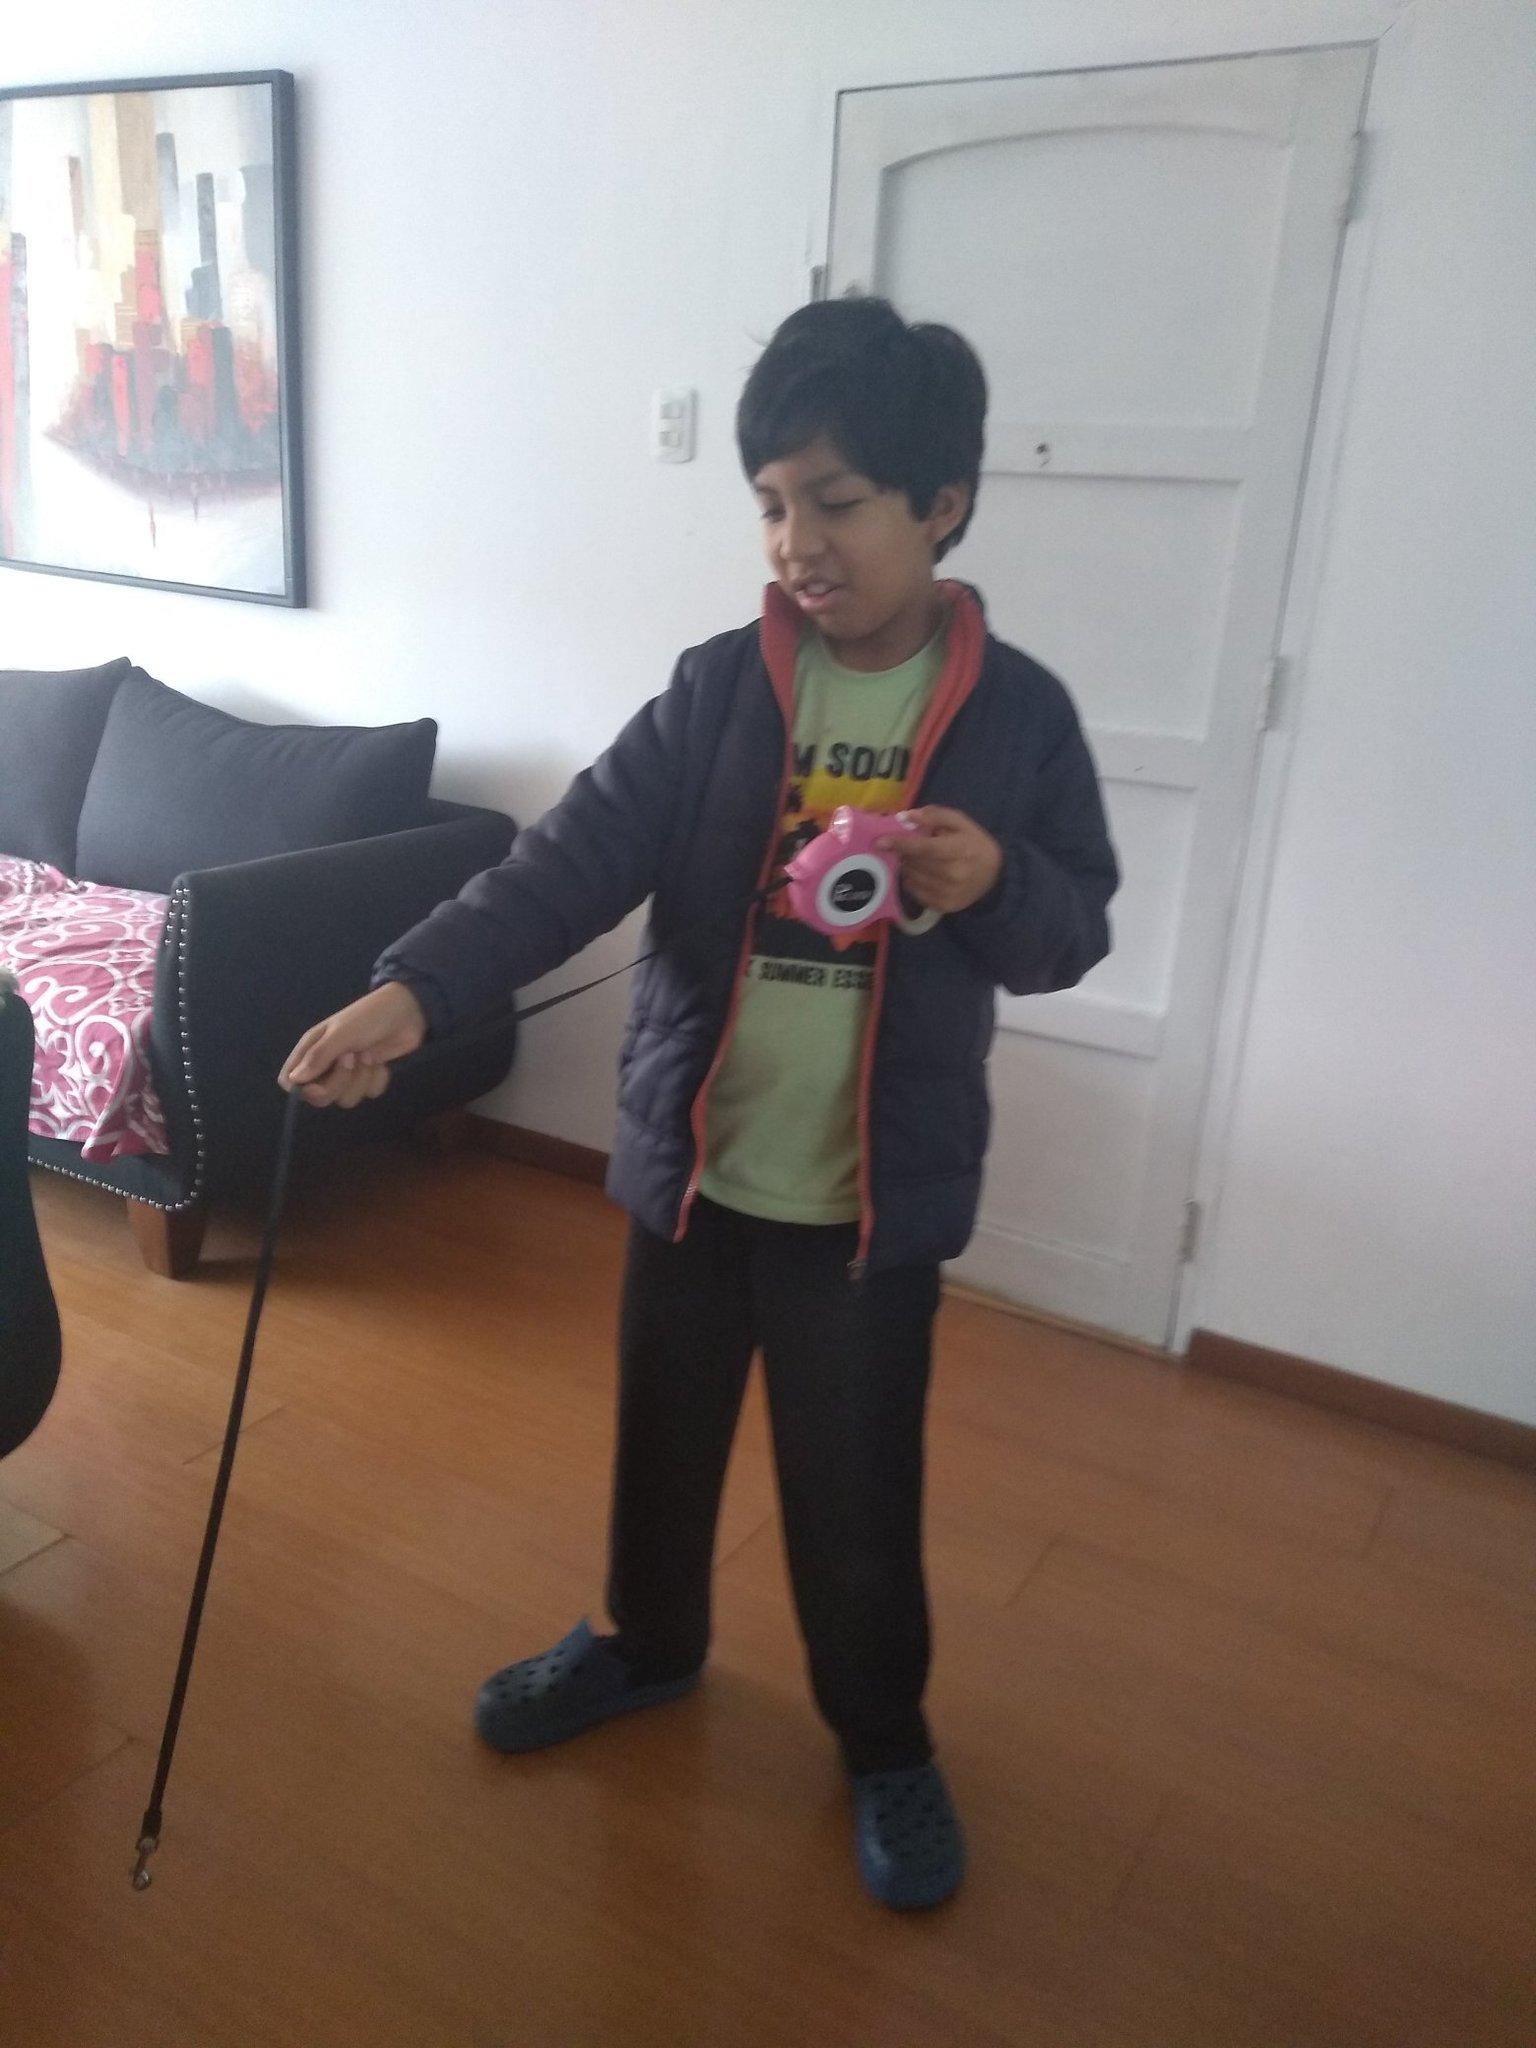 Mi hermano paseando su dignidad después de hacer un tik tok - meme